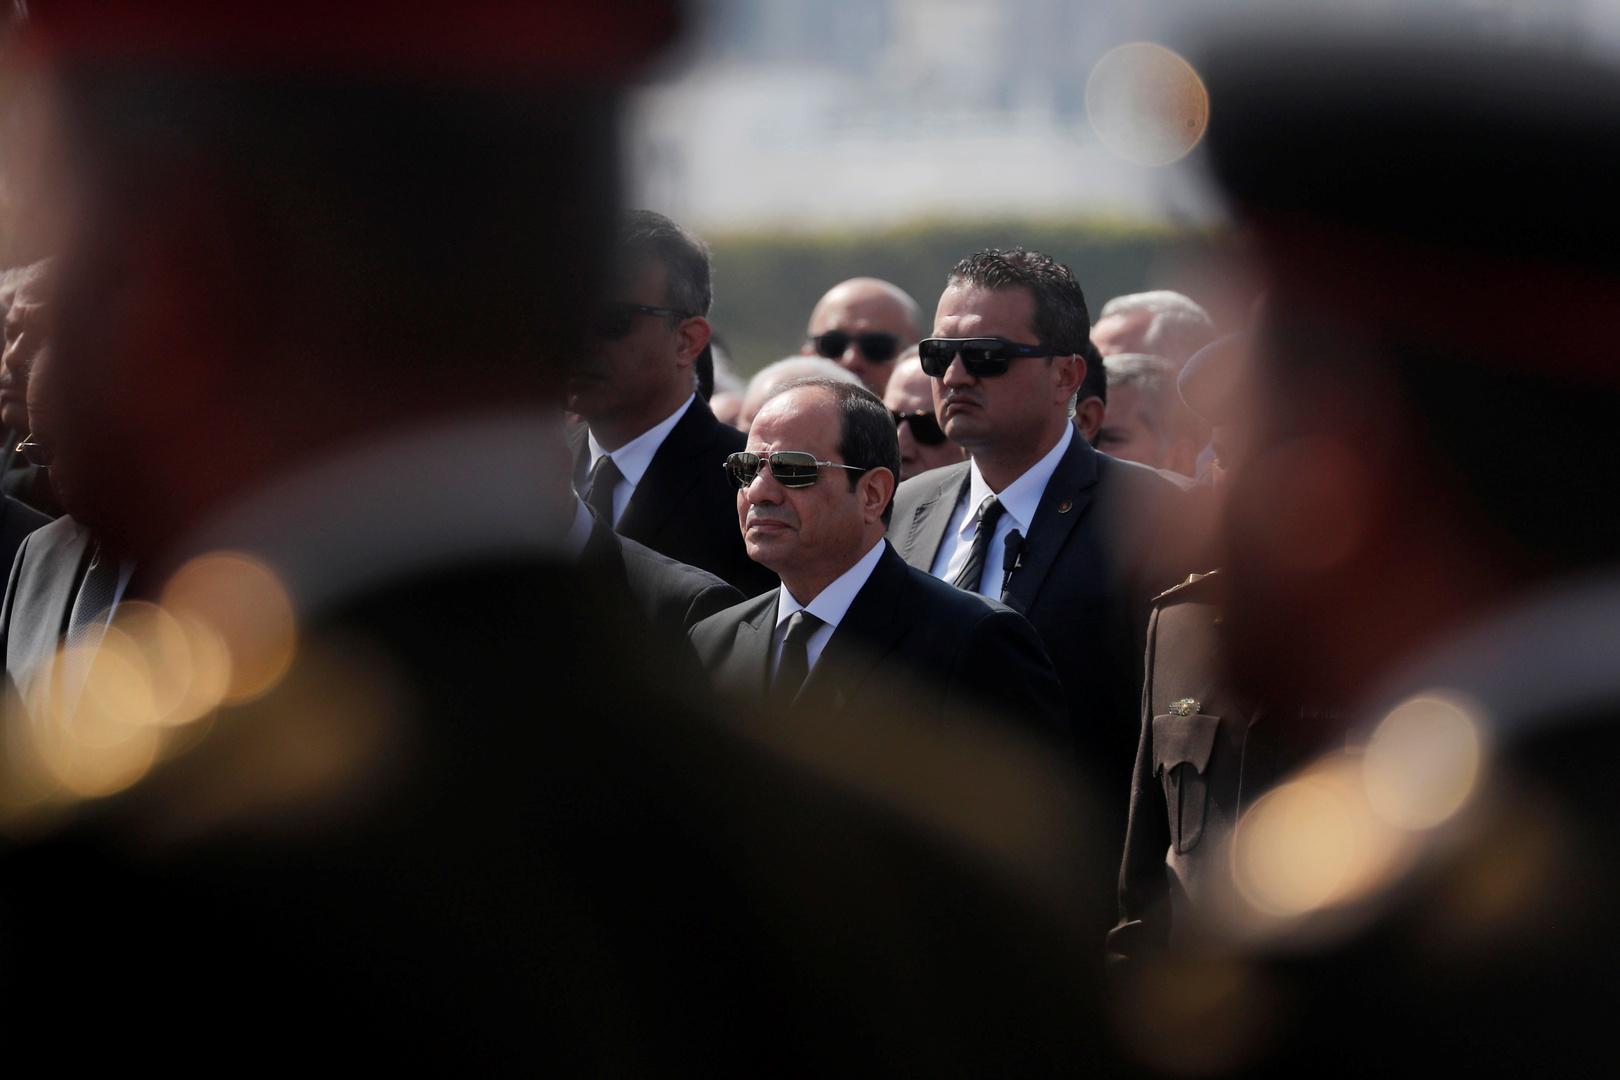 السيسي يعزي أرملة الرئيس الراحل حسني مبارك بوفاته (صور)